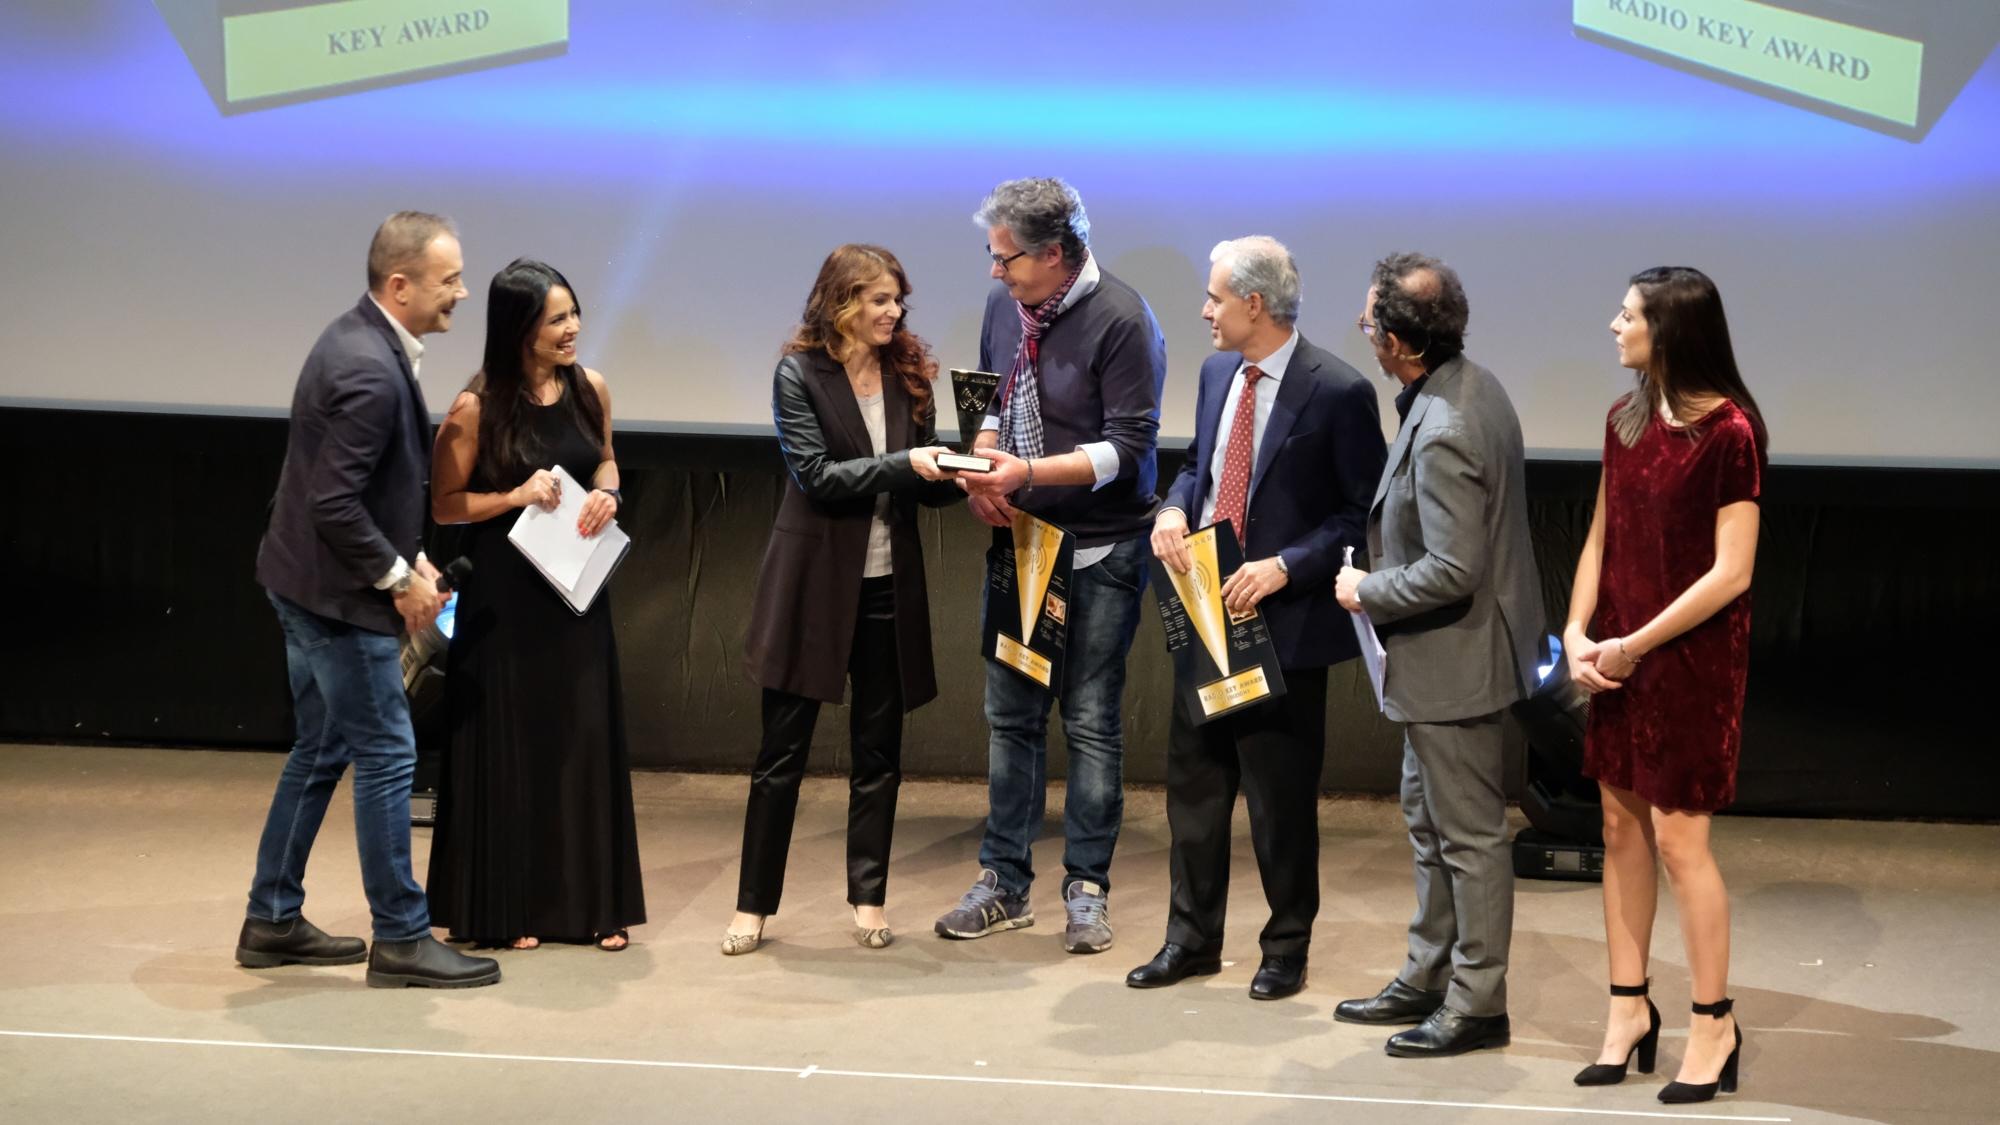 key award